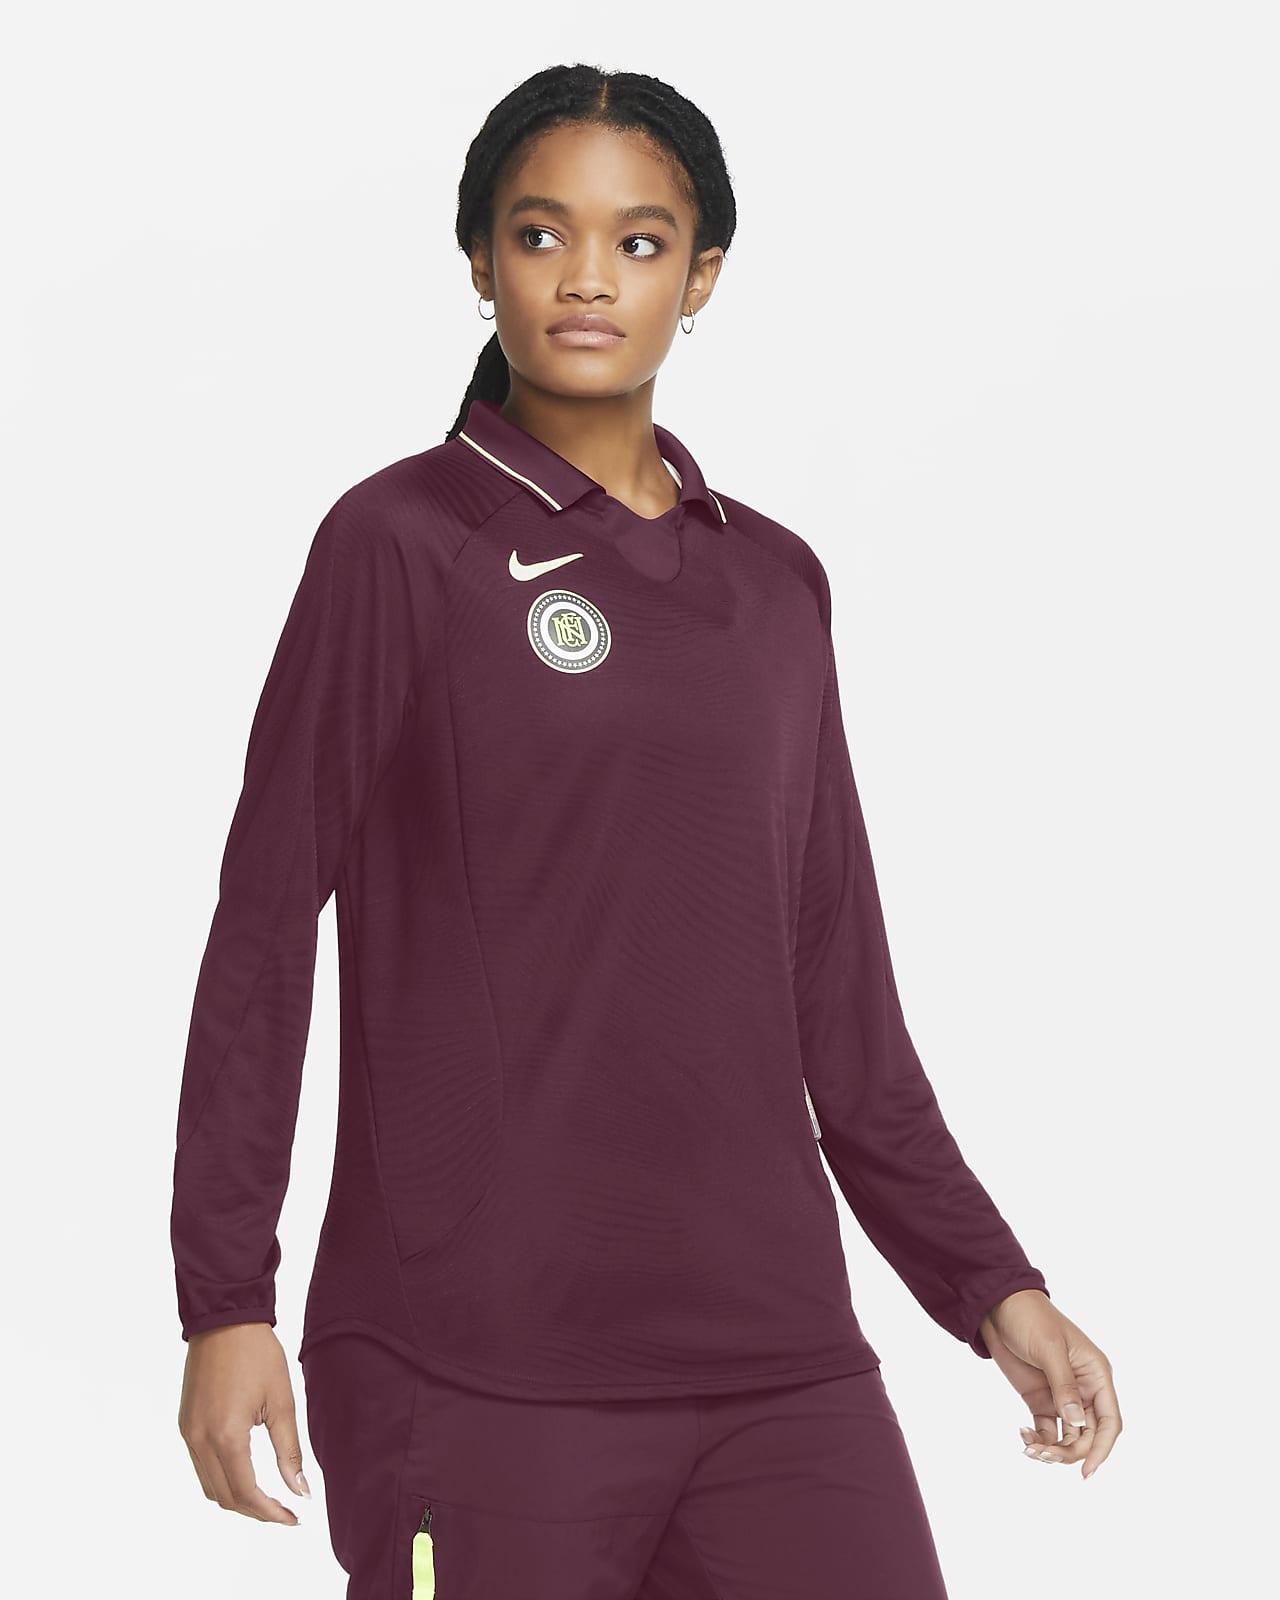 Långärmad fotbollströja Nike F.C. för kvinnor